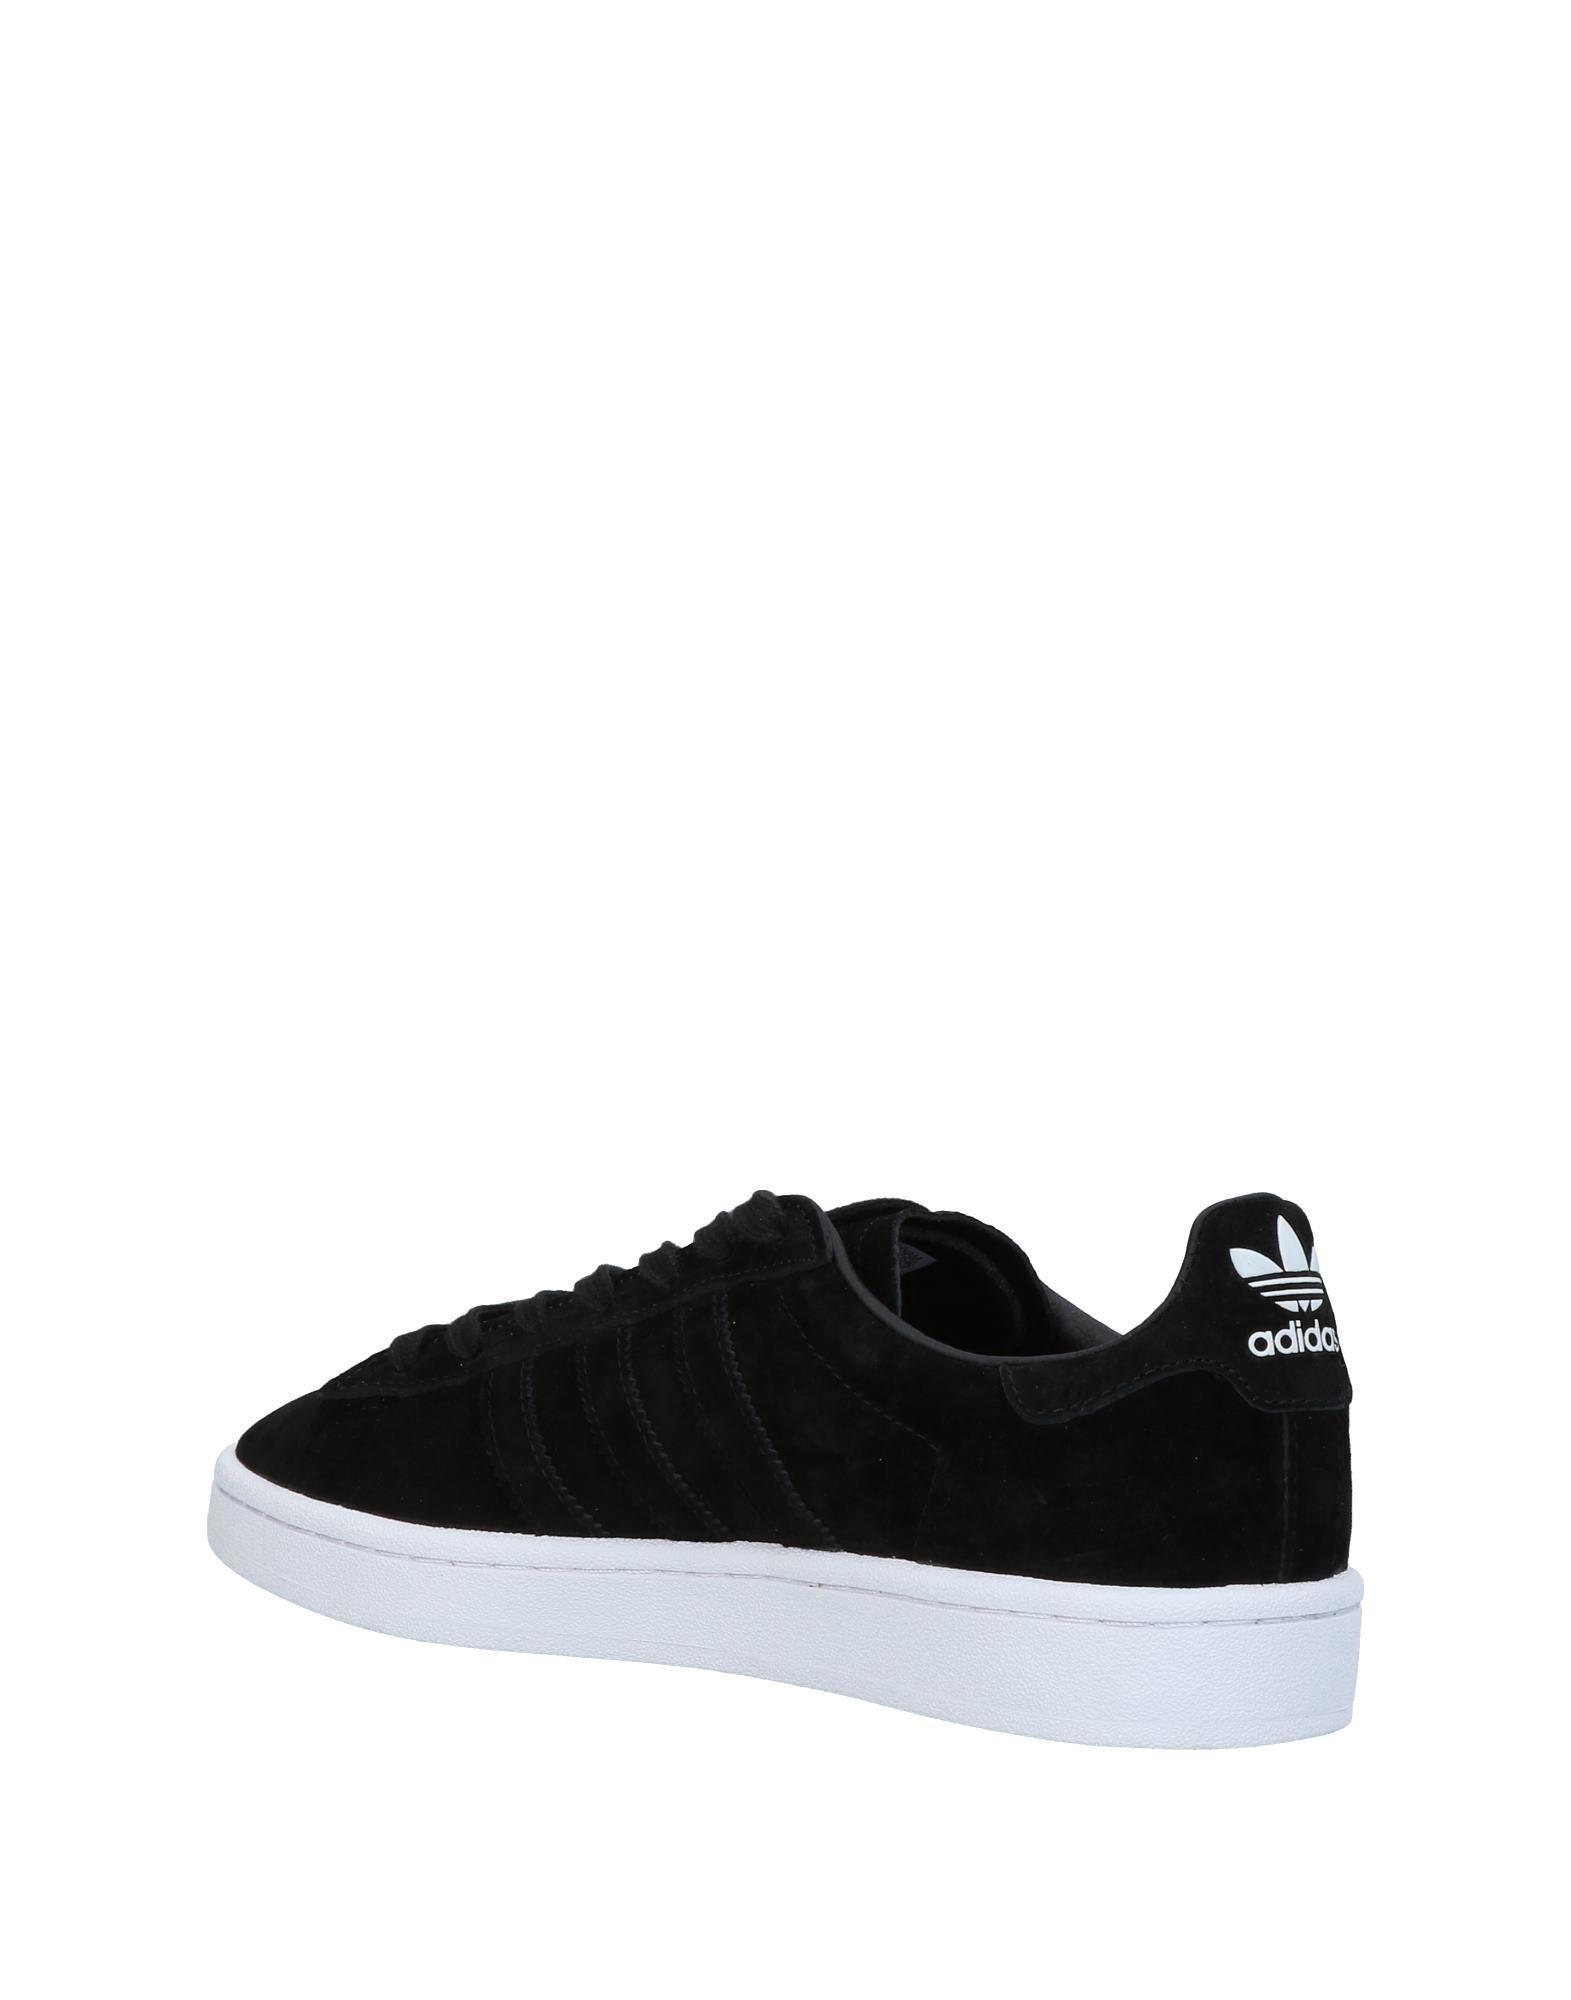 Rabatt echte Adidas Schuhe Adidas echte Originals By White Mountaineering Sneakers Herren  11453164BN 27811c